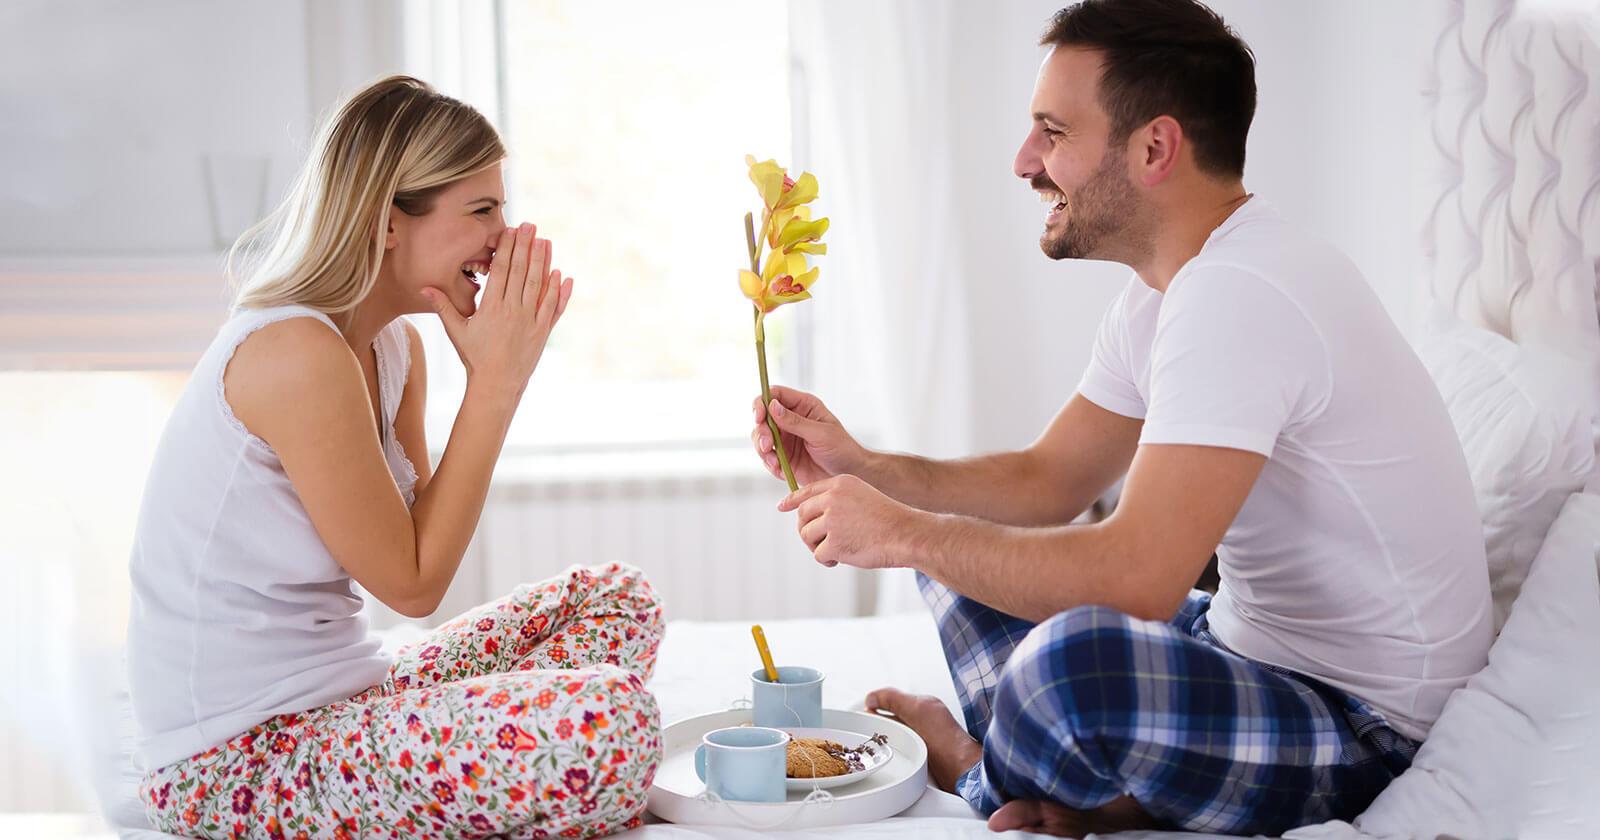 Życzenia urodzinowe dla żony [romantyczne, śmieszne, wzruszające]